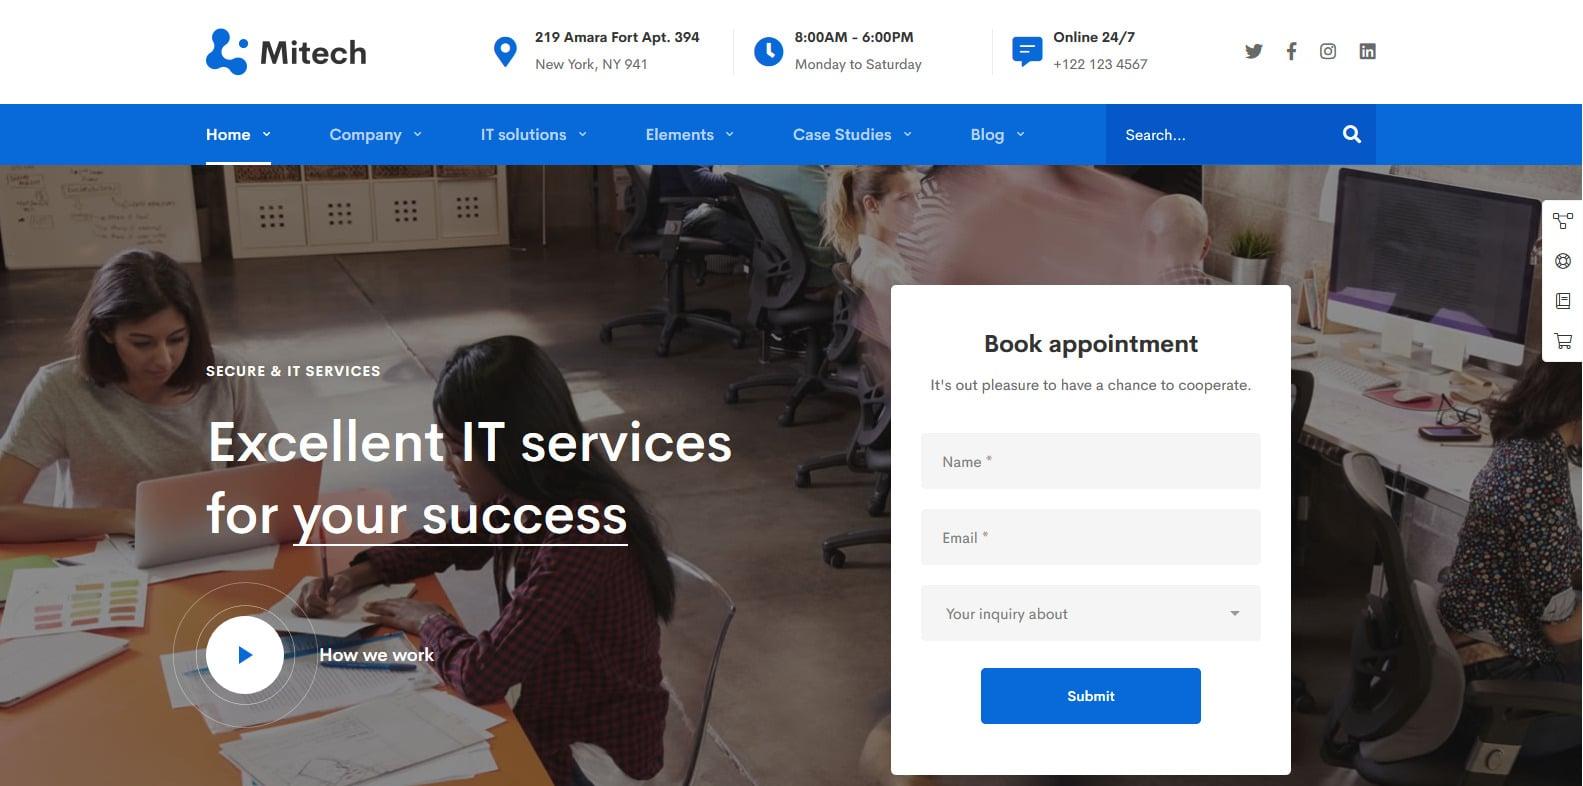 mitech-technology-website-template